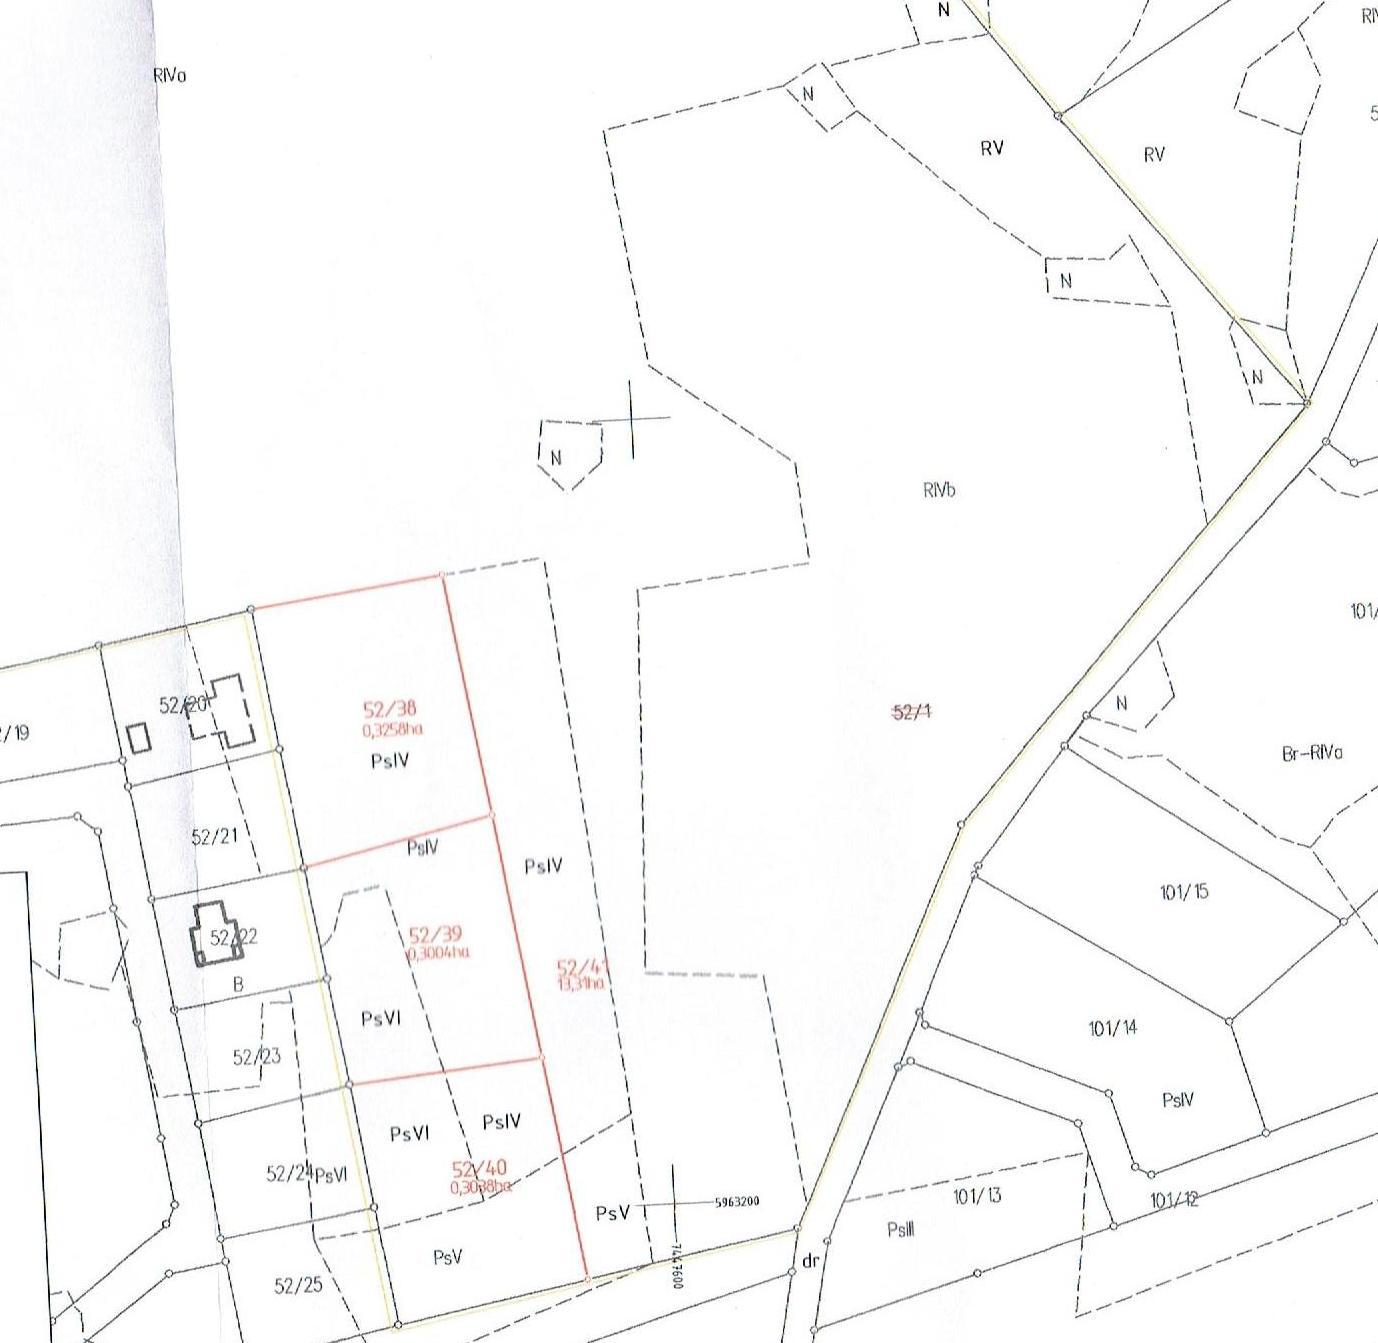 Działka z warunkami zabudowy 3000 m2 - Stękiny